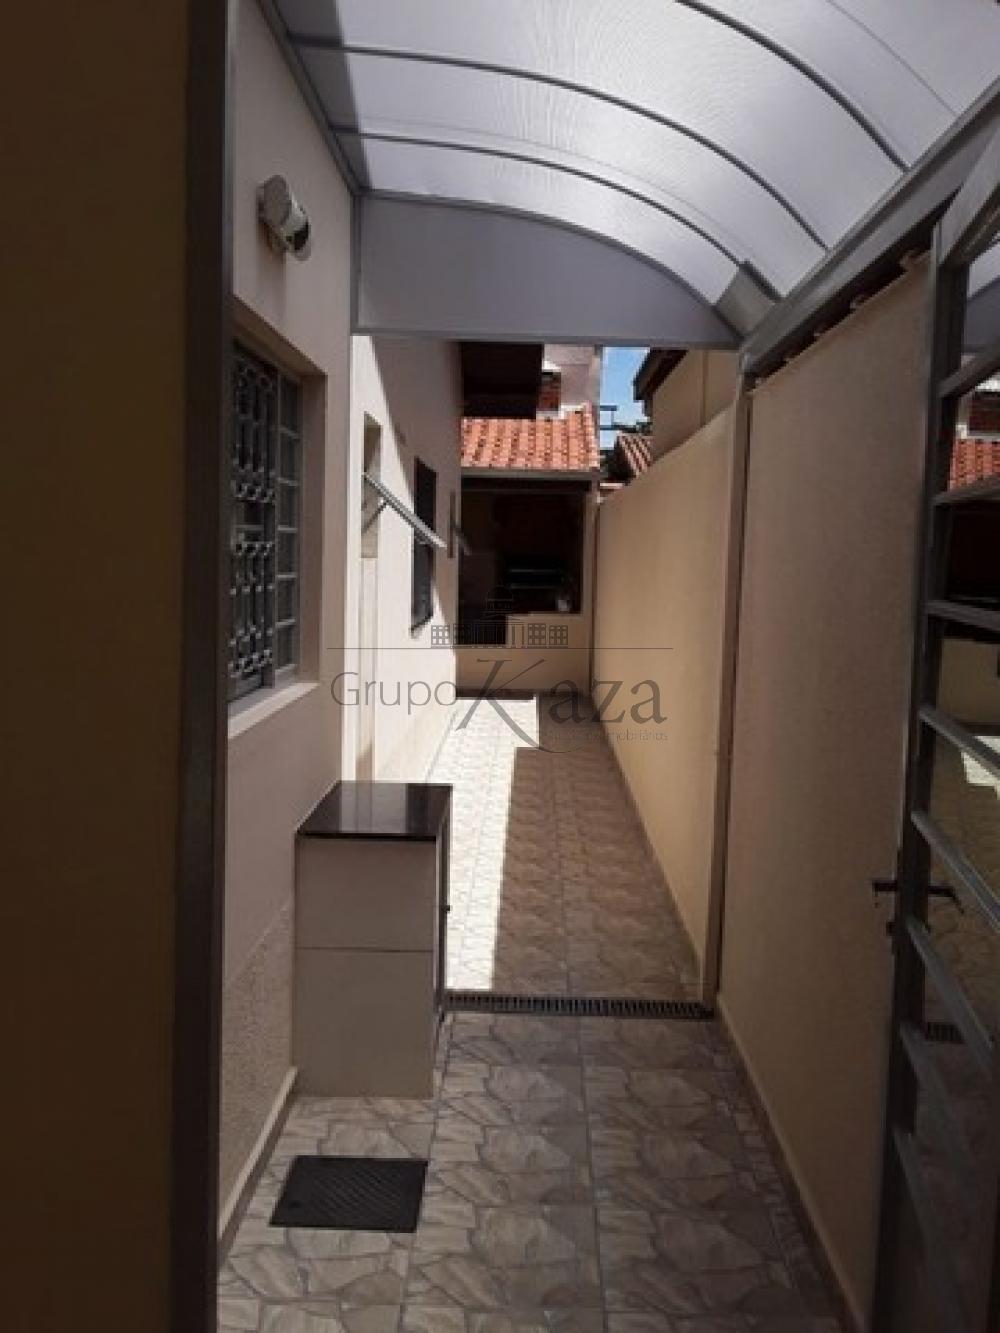 alt='Comprar Casa / Térrea em São José dos Campos R$ 475.000,00 - Foto 11' title='Comprar Casa / Térrea em São José dos Campos R$ 475.000,00 - Foto 11'